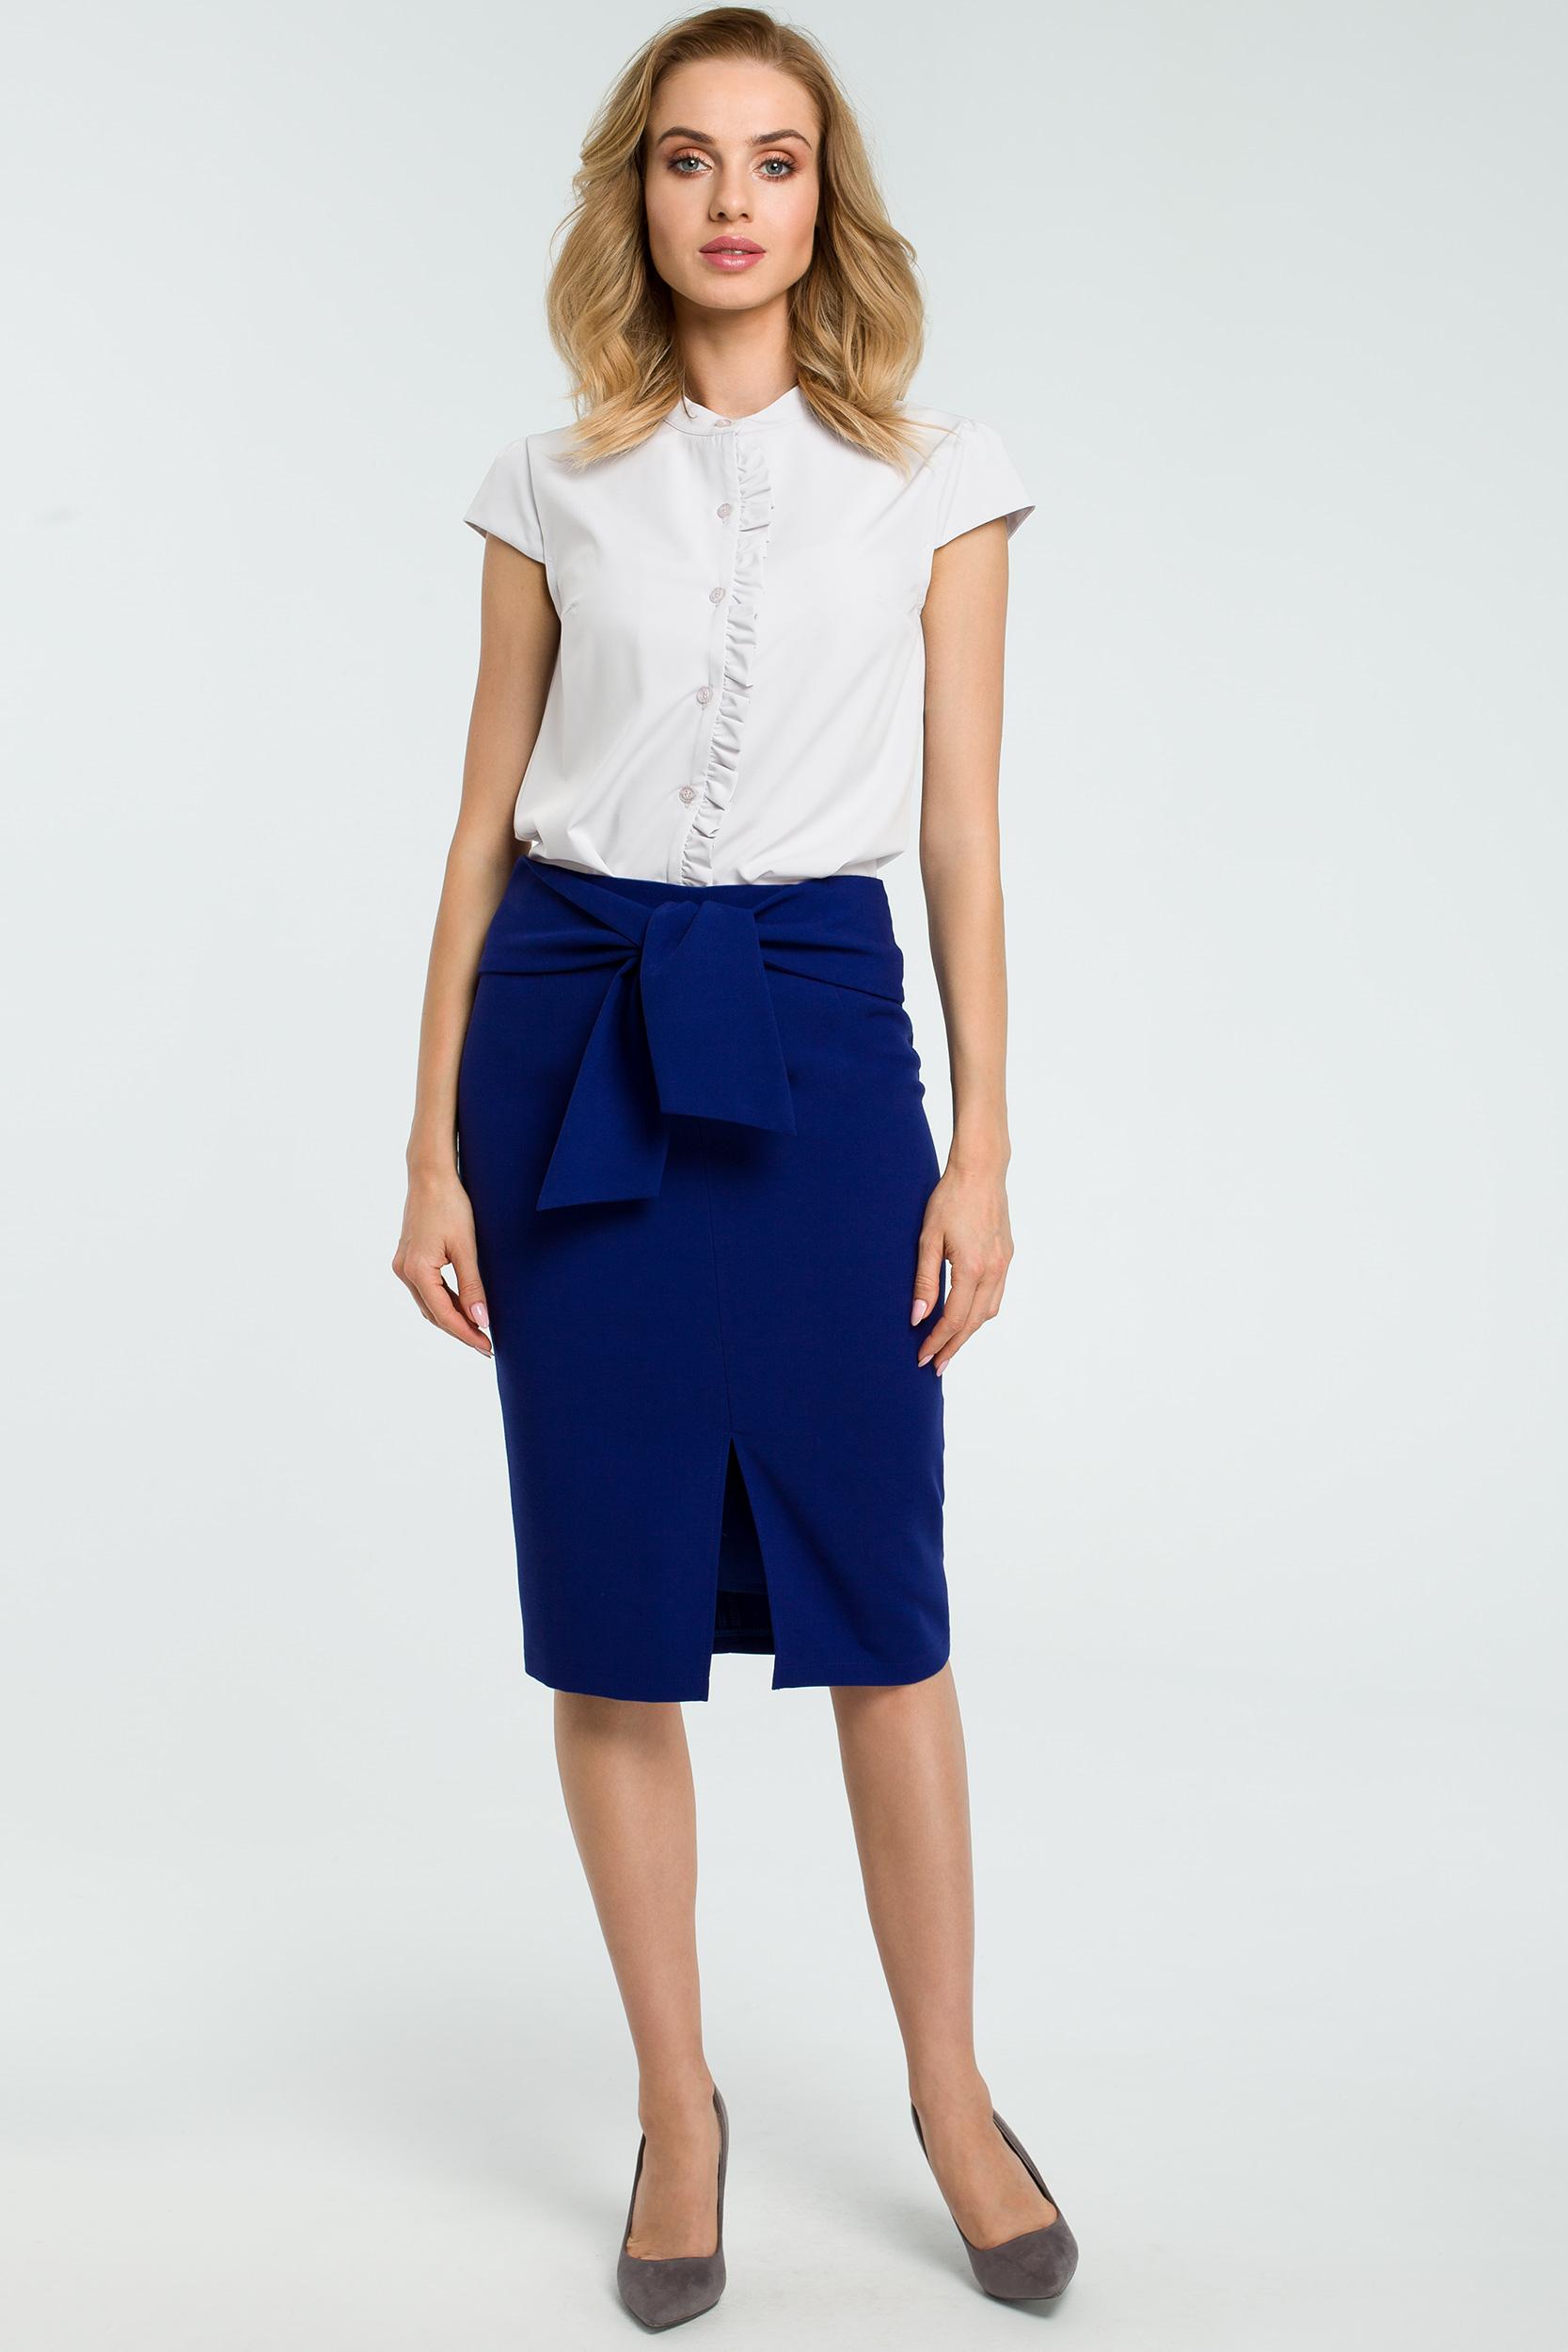 1c87f0d1 Elegancka spódnica ołówkowa wiązana paskiem niebieska